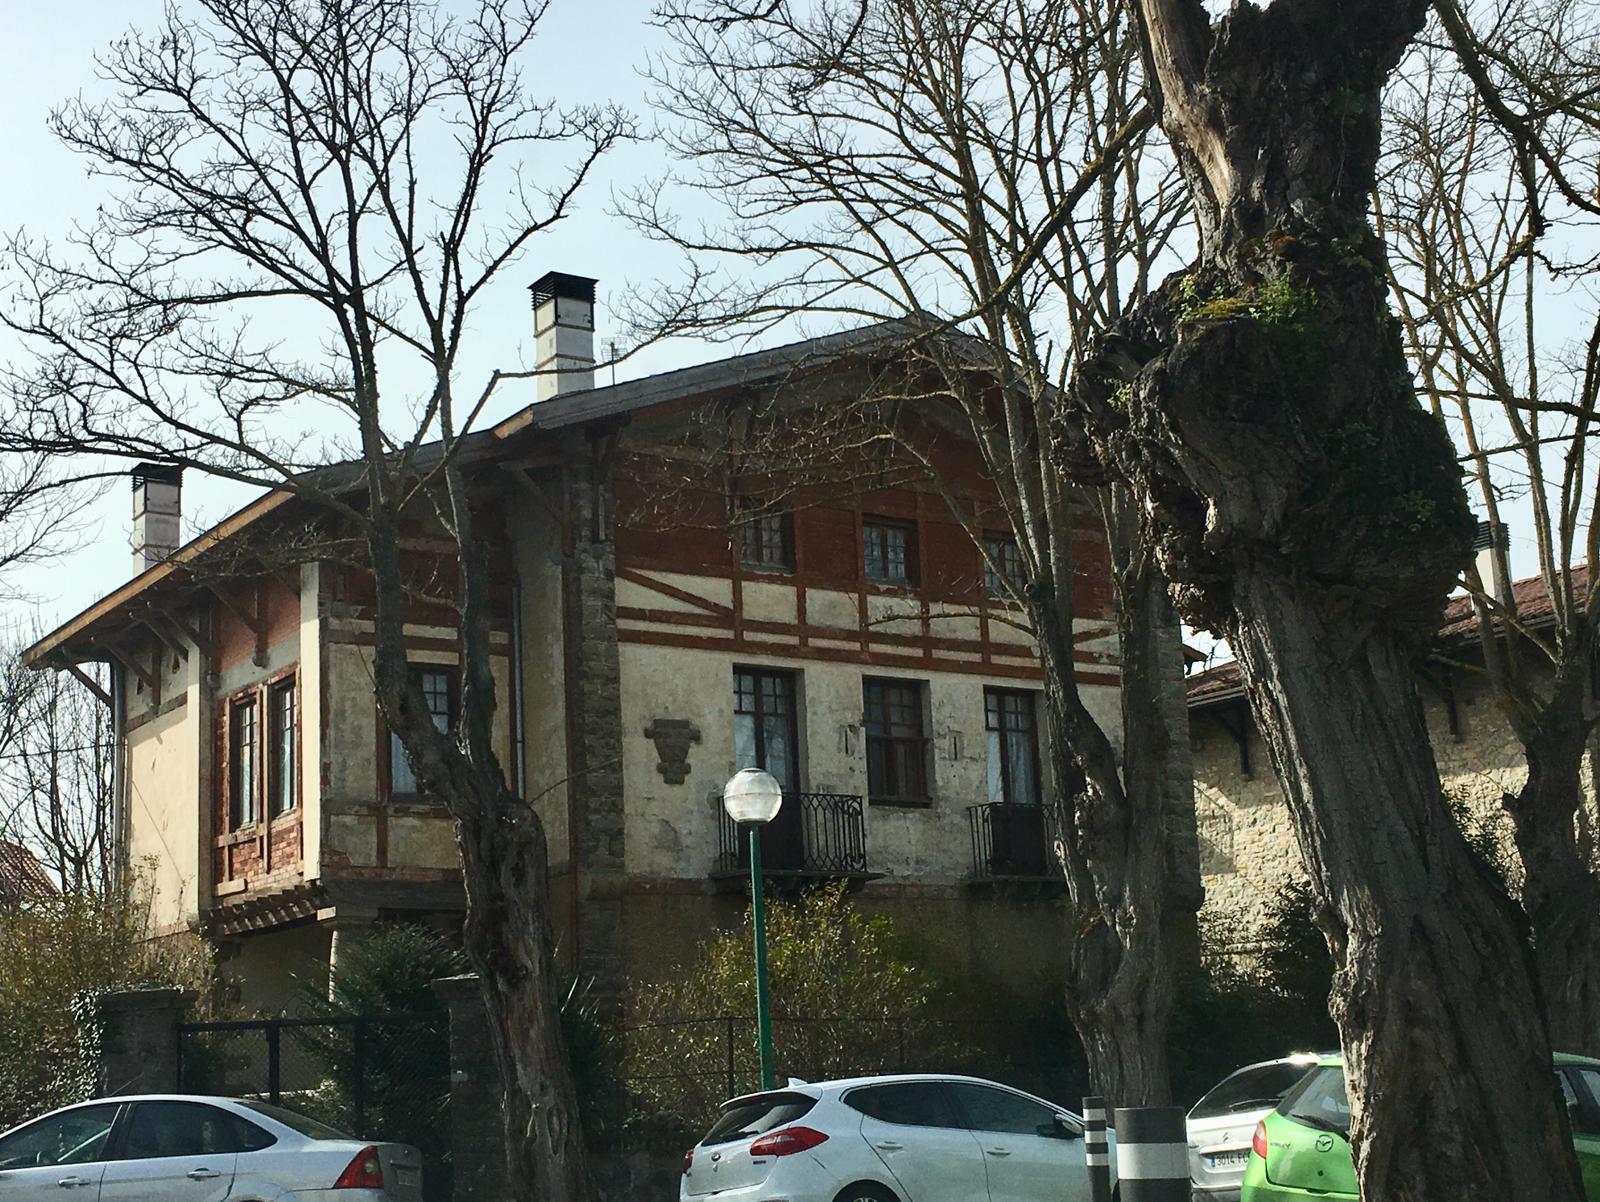 Inmueble de la Ciudad Jardín presuntamente en el que se ha detectado la presencia de 'okupas'.